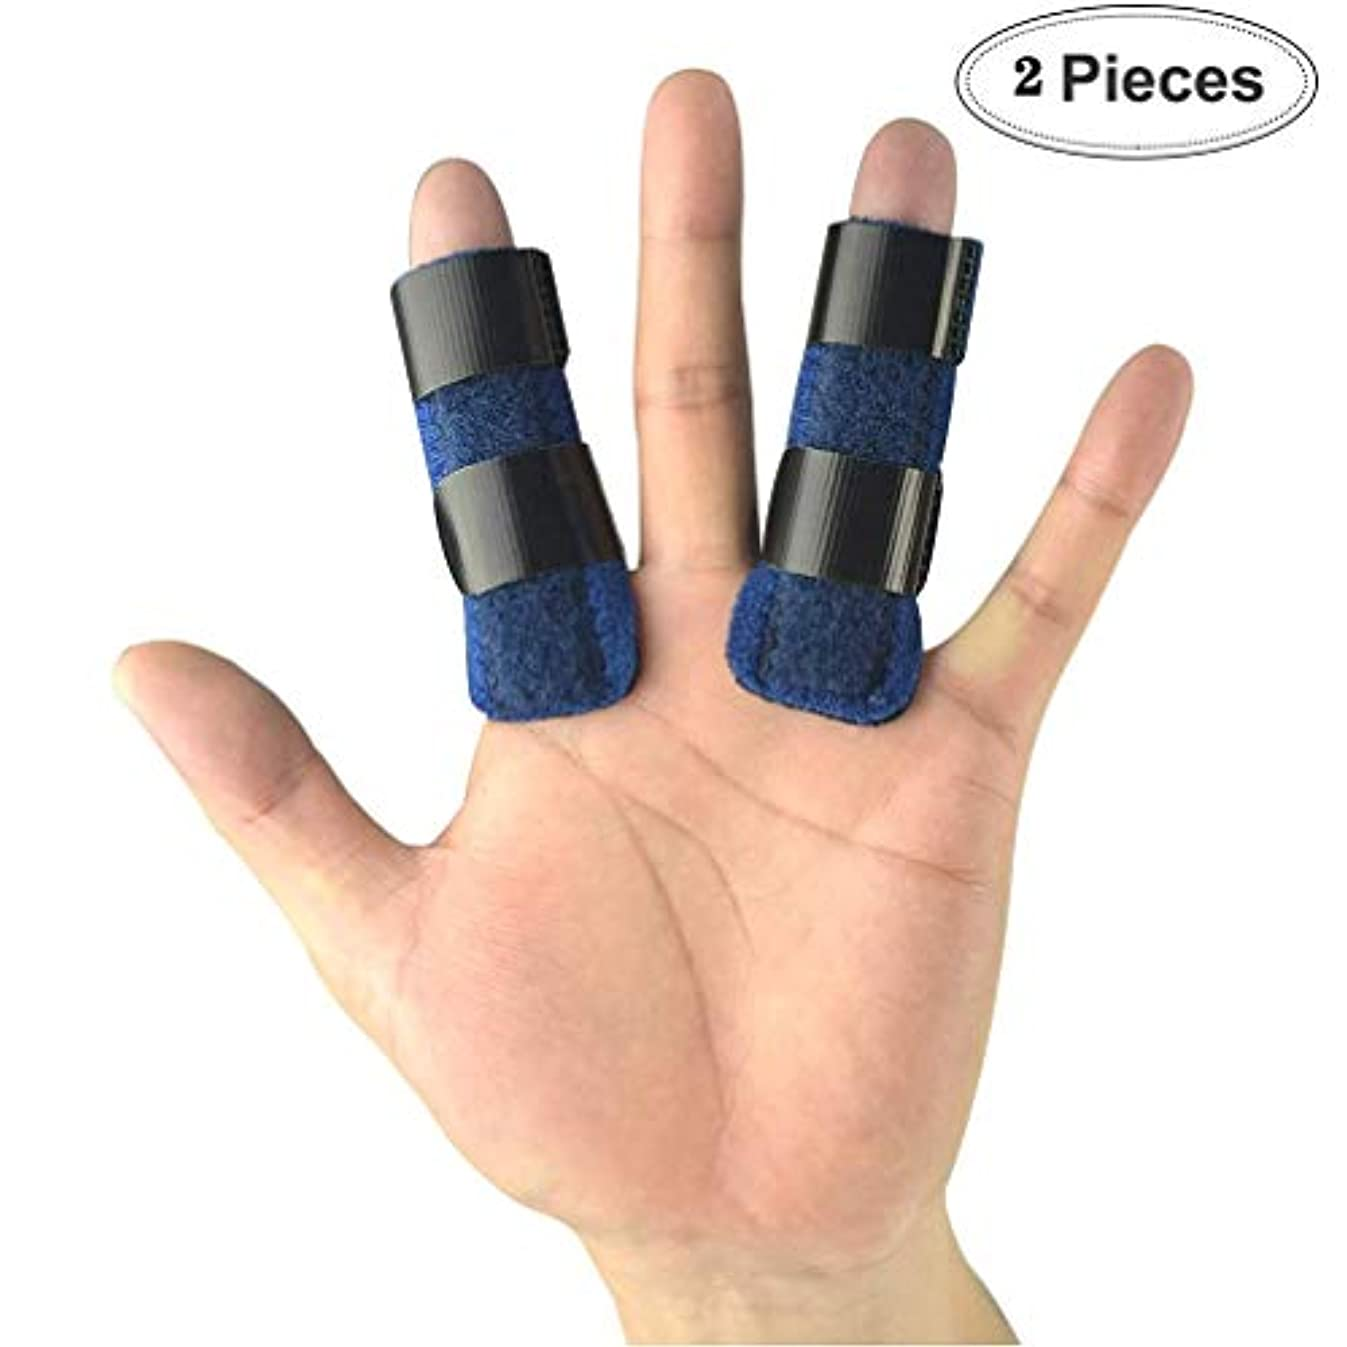 守るいくつかのブリーフケースマレットフィンガー中指、小指の指、関節炎、ブロークン?フィンガー(2パック)用ばね指スプリント、指イモビライザーが内蔵アルミのサポートトリガー、